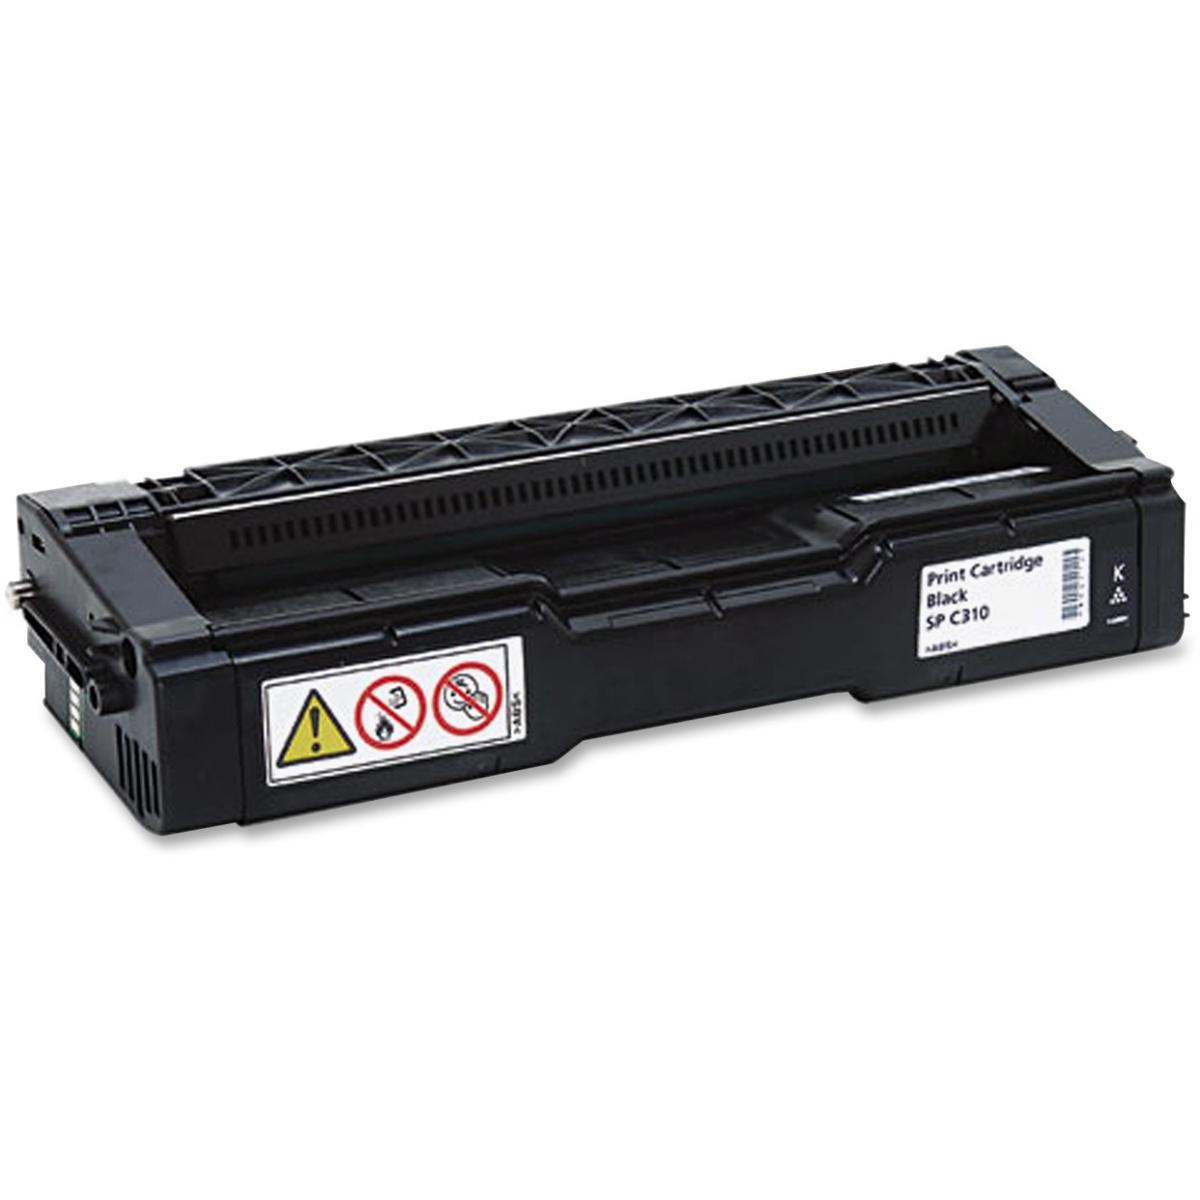 Type SP C310HA - High Yield - black - original - toner cartridge - for Rex Rotary SP C231 SP C232 SP C242 SP C311 SP C320; Ricoh SP C242 SP C340 SP C342